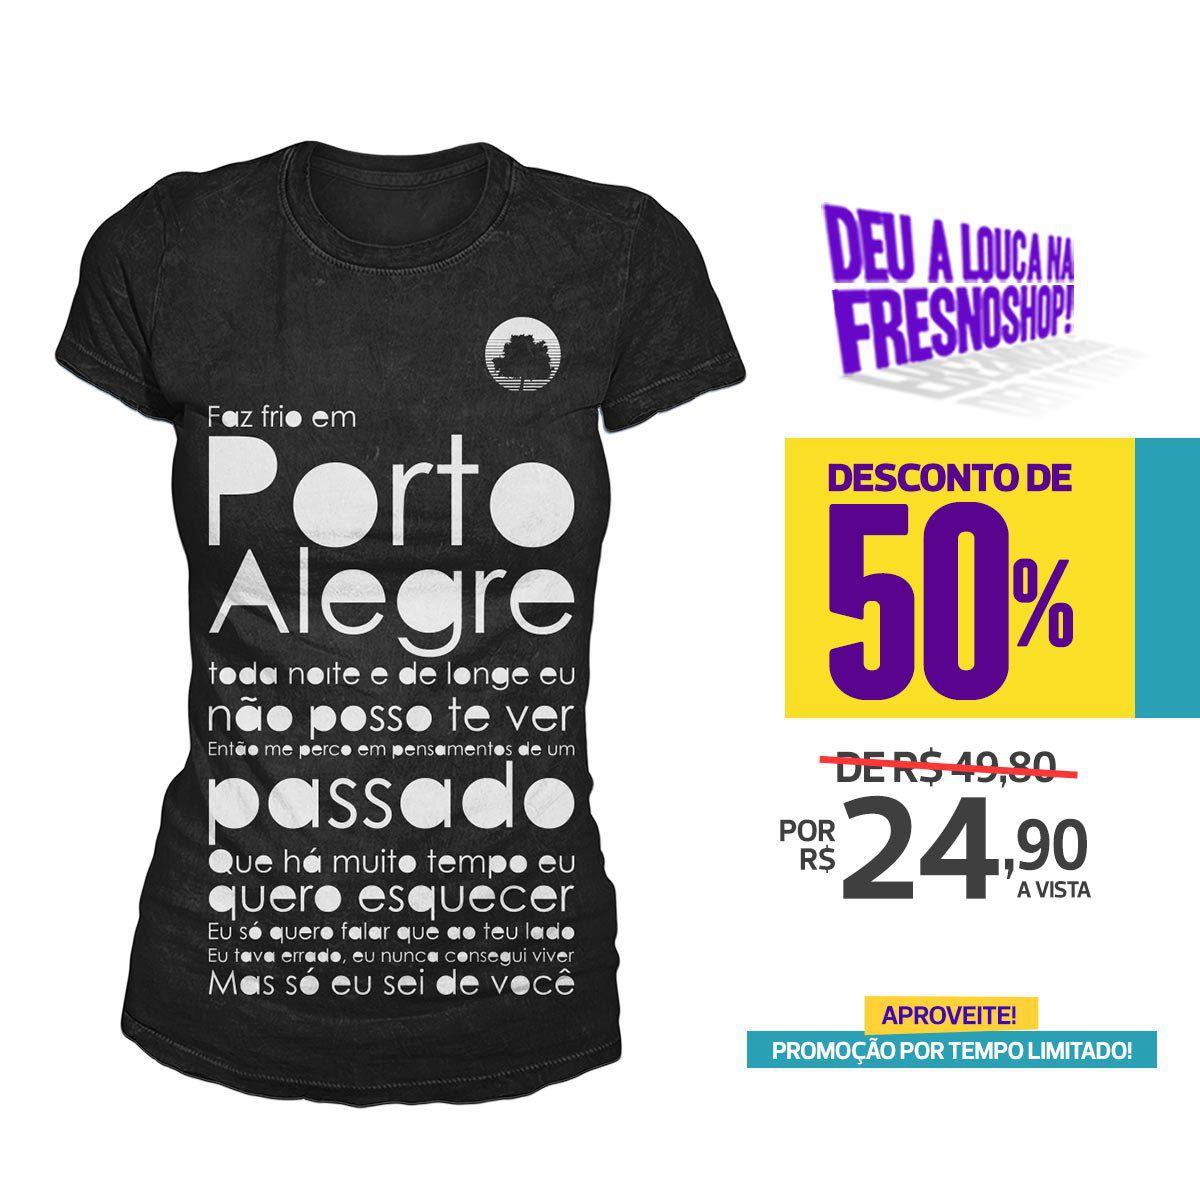 SUPER PROMOÇÃO Fresno - Camiseta Feminina Porto Alegre PRETA